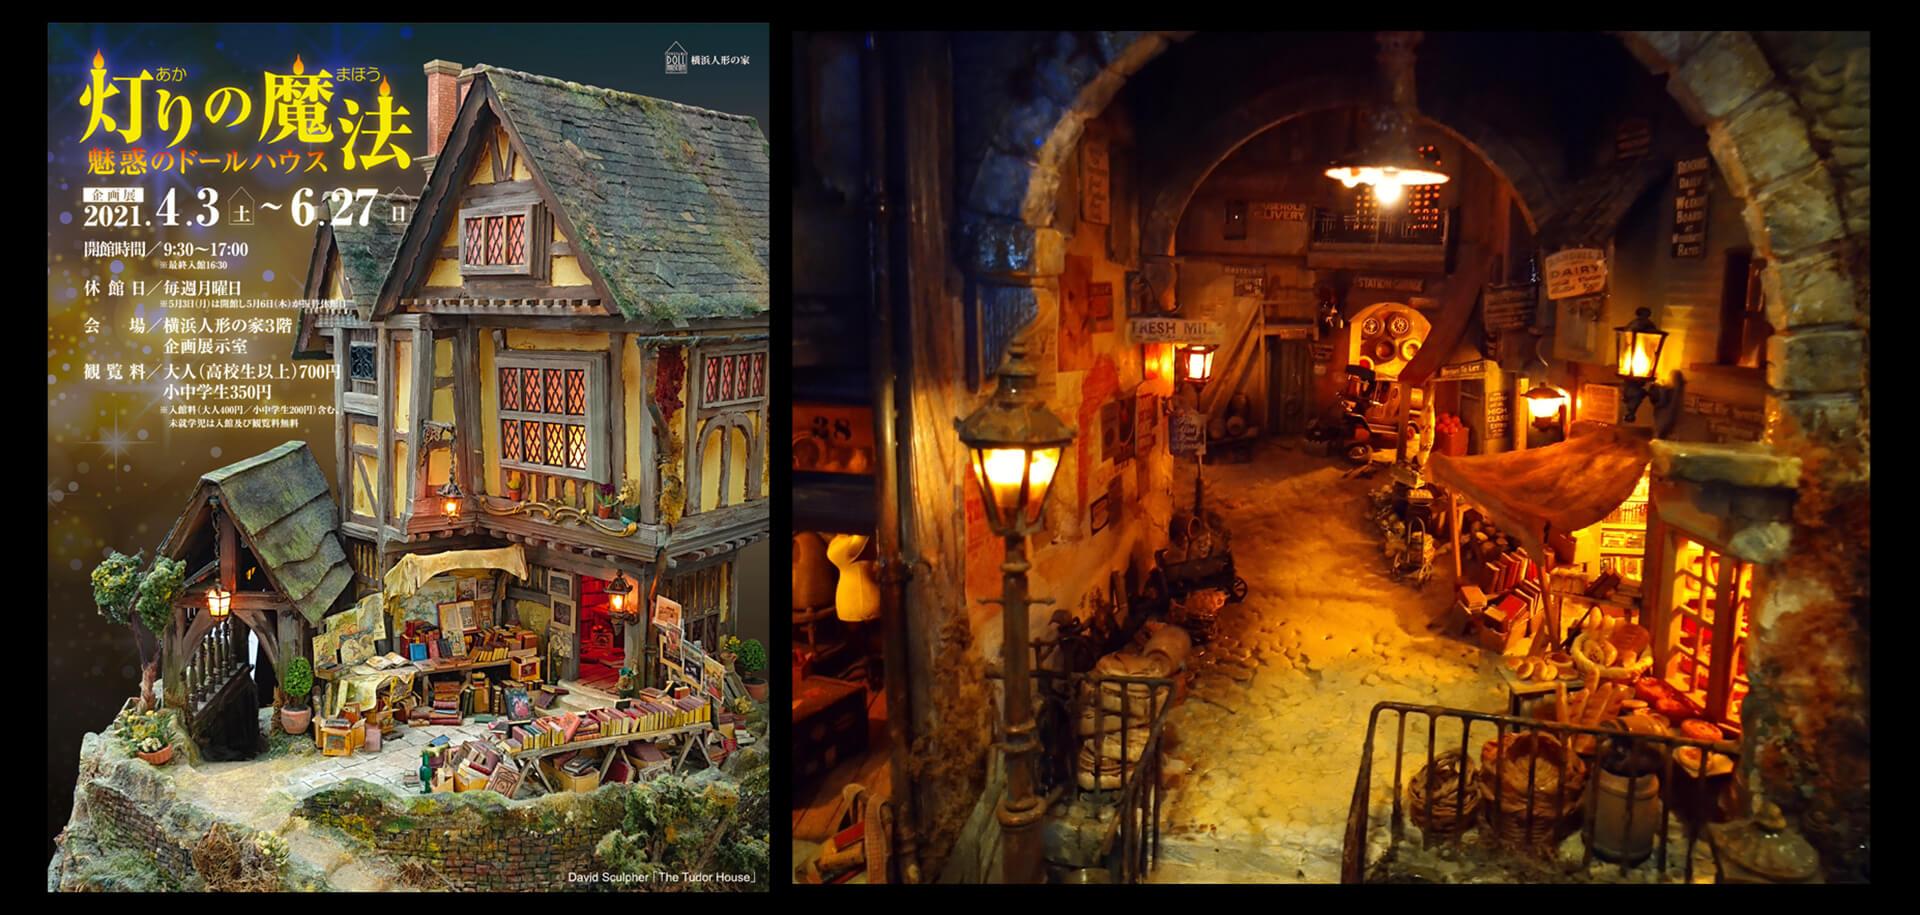 「灯りの魔法 魅惑のドールハウス」展